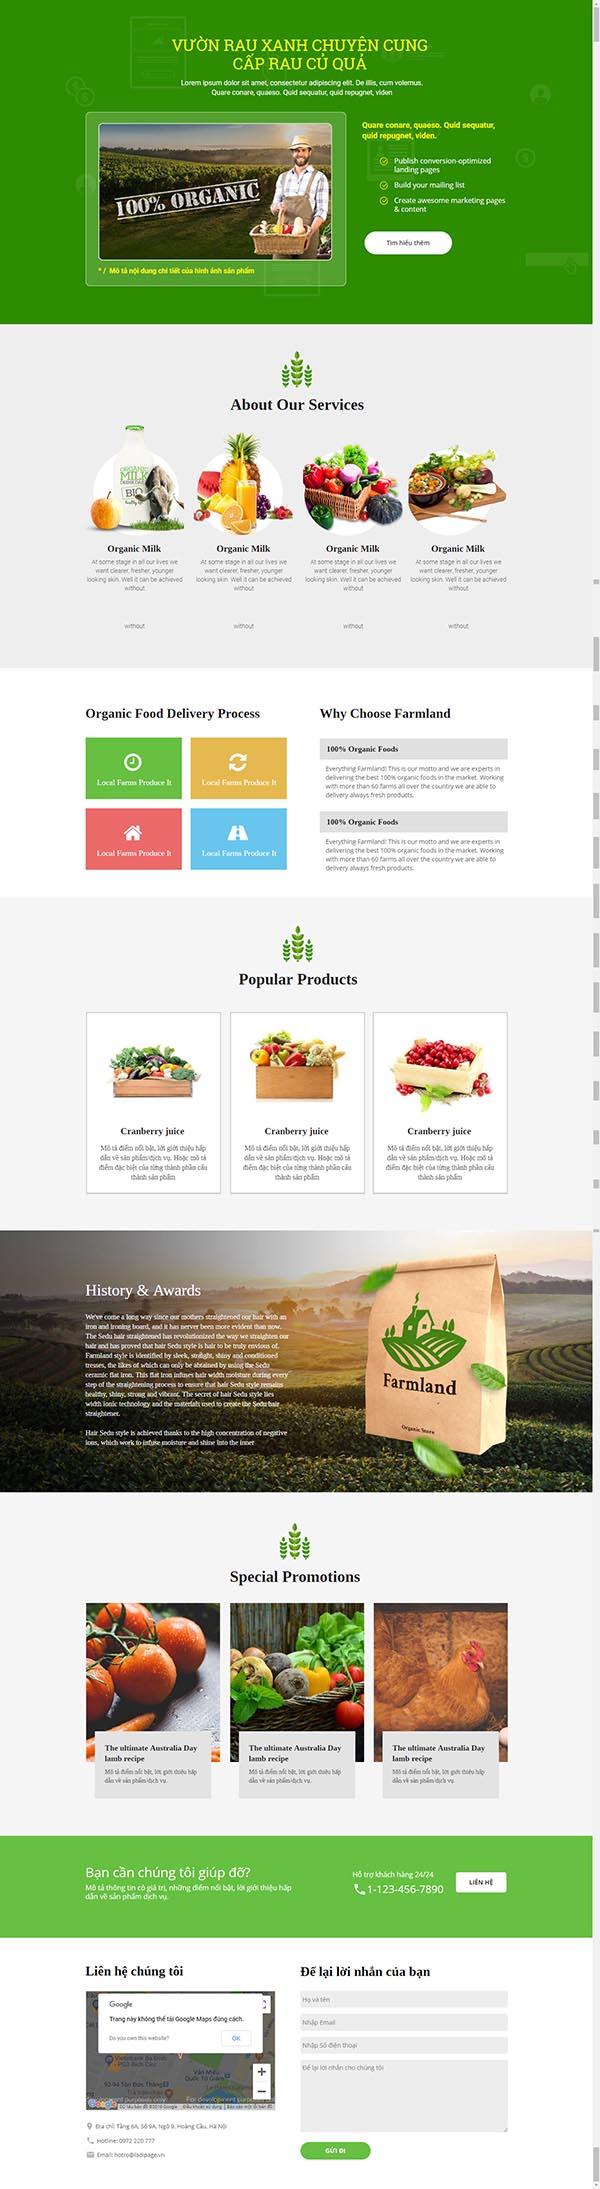 Thiết kế Mẫu website Landing Page 14